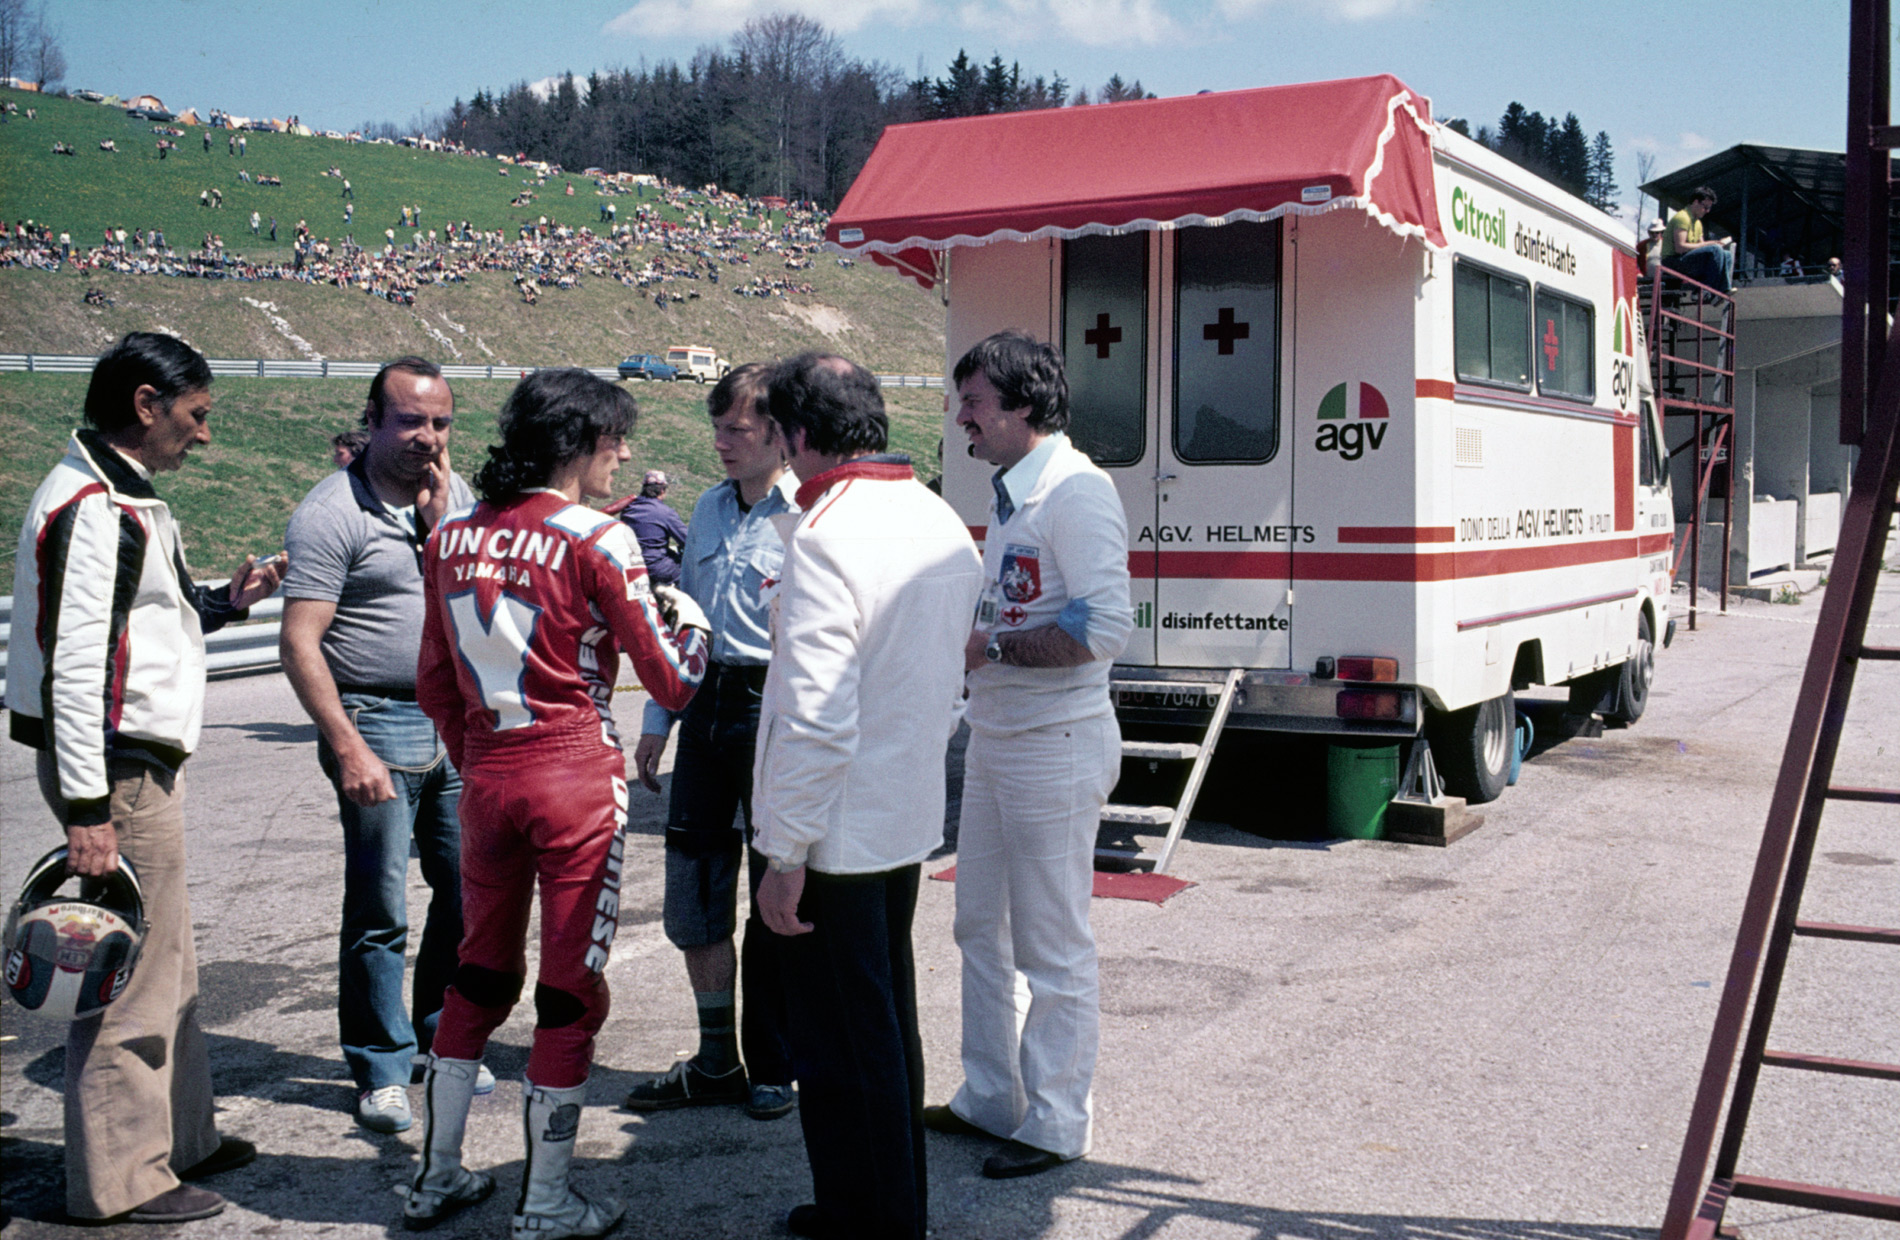 Franco Uncini con personal médico frente a la Clínica Móvil